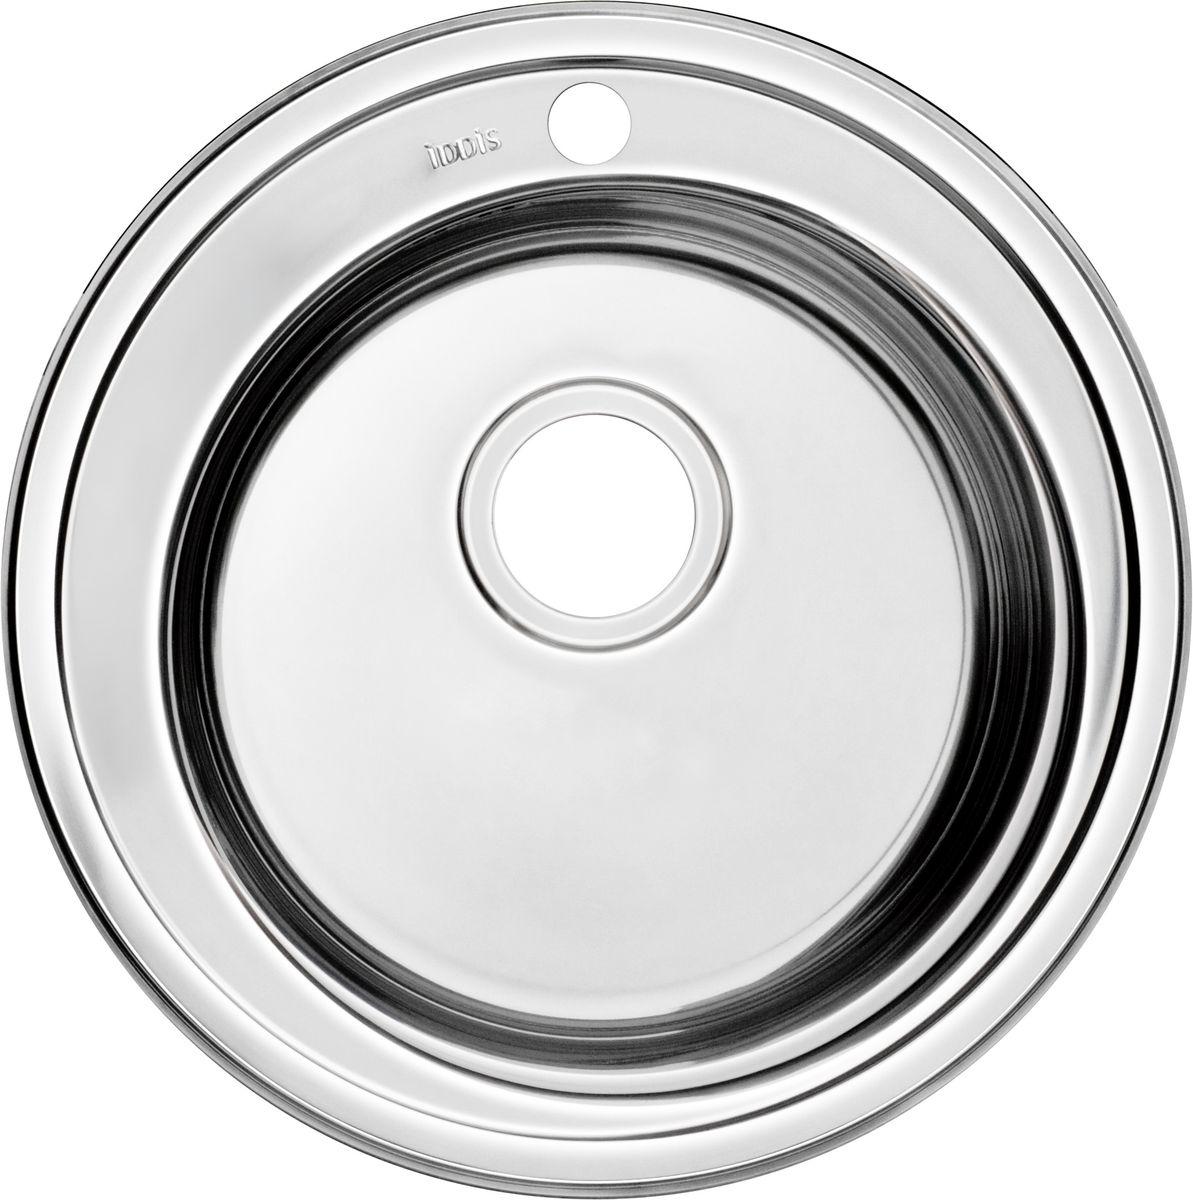 Мойка Iddis Suno, полированная, D505. SUN50P0i77SUN50P0i77Корпус мойки выполнен из специальной нержавеющей стали марки 304 с содержанием хрома 18%, никеля 10% , это гарантирует устойчивость к воздействию химических веществ, появлению пятен и коррозии. Толщина стали в мойкам варьируется от 0,8 до 0,9 мм в зависимости от коллекций. Специальное дополнительное антишумовое покрытие Silenon, нанесенное на обратную сторону чаш, разработано для снижения шума воды в мойке. Конструкция краев мойки, крепления и специальная уплотнительная прокладка обеспечивает максимально плотное прилегание к столешнице и защищает от протекания. Каждая мойка из нержавеющей стали IDDIS имеет изготовленное на заводе отверстие под смеситель, что делает ее полностью готовой к установке. Наличие шаблона для выреза отверстия в столешнице для каждой модели облегчает процесс установки моек IDDIS. Специальная обработка углов моек из нержавеющей стали IDDIS гарантирует абсолютное прилегание к столешнице. Гарантия на мойки из нержавеющей стали...